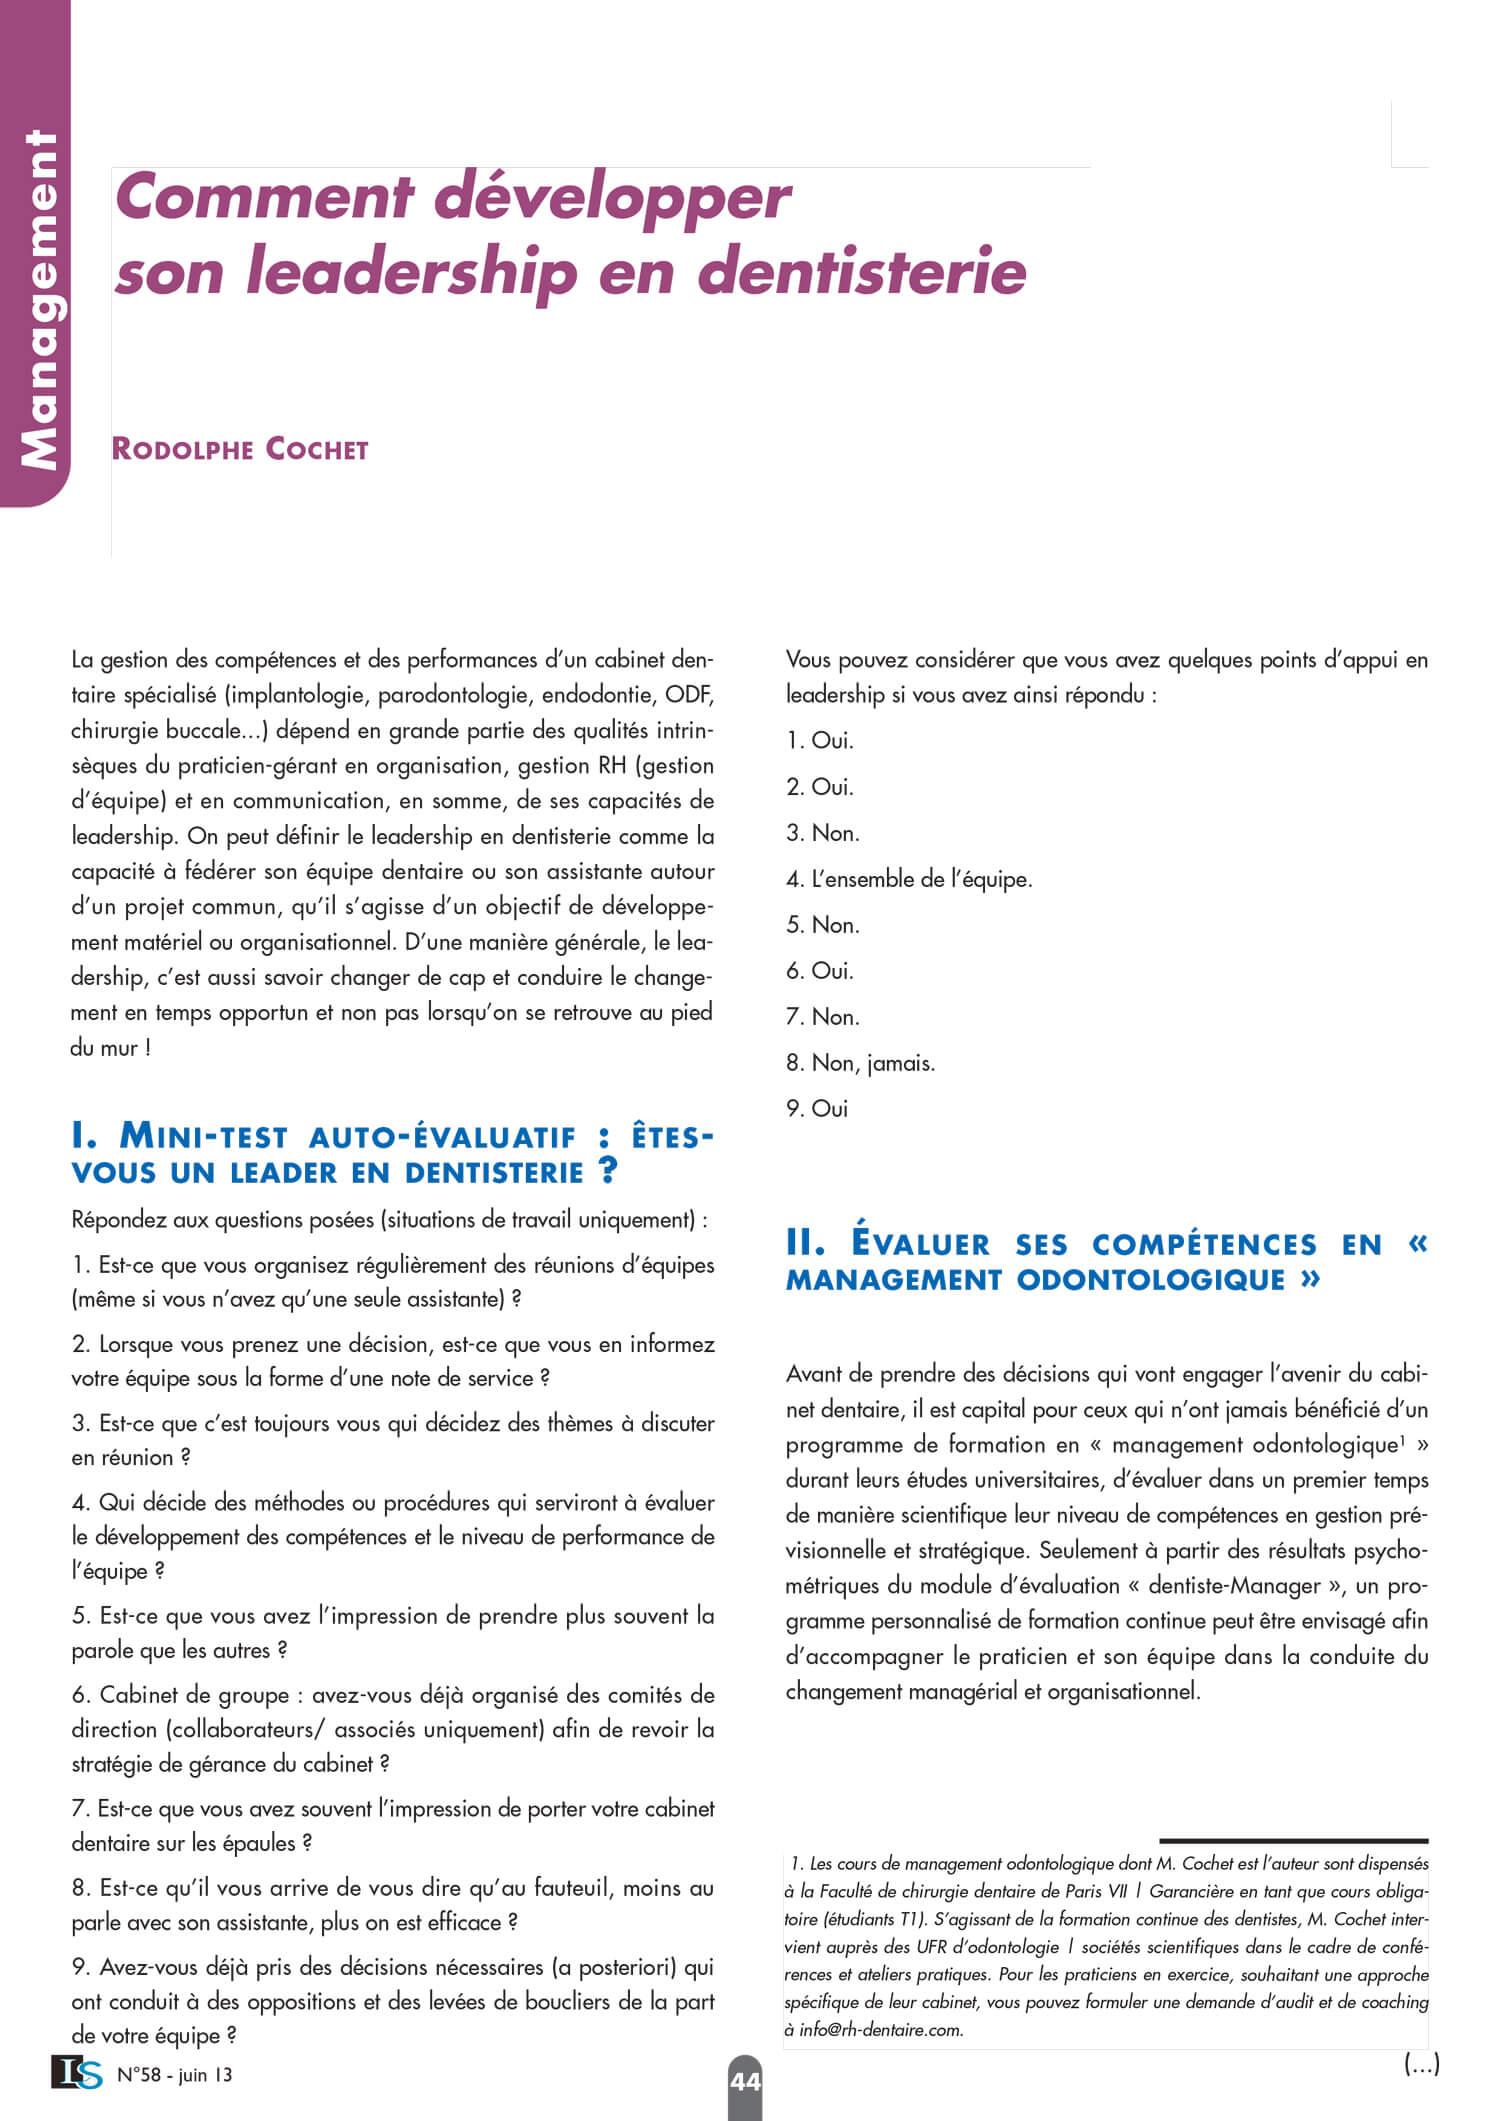 developper-leadership-stomatologie-dentisterie-stomatologue-management-Rodolphe-Cochet.jpg